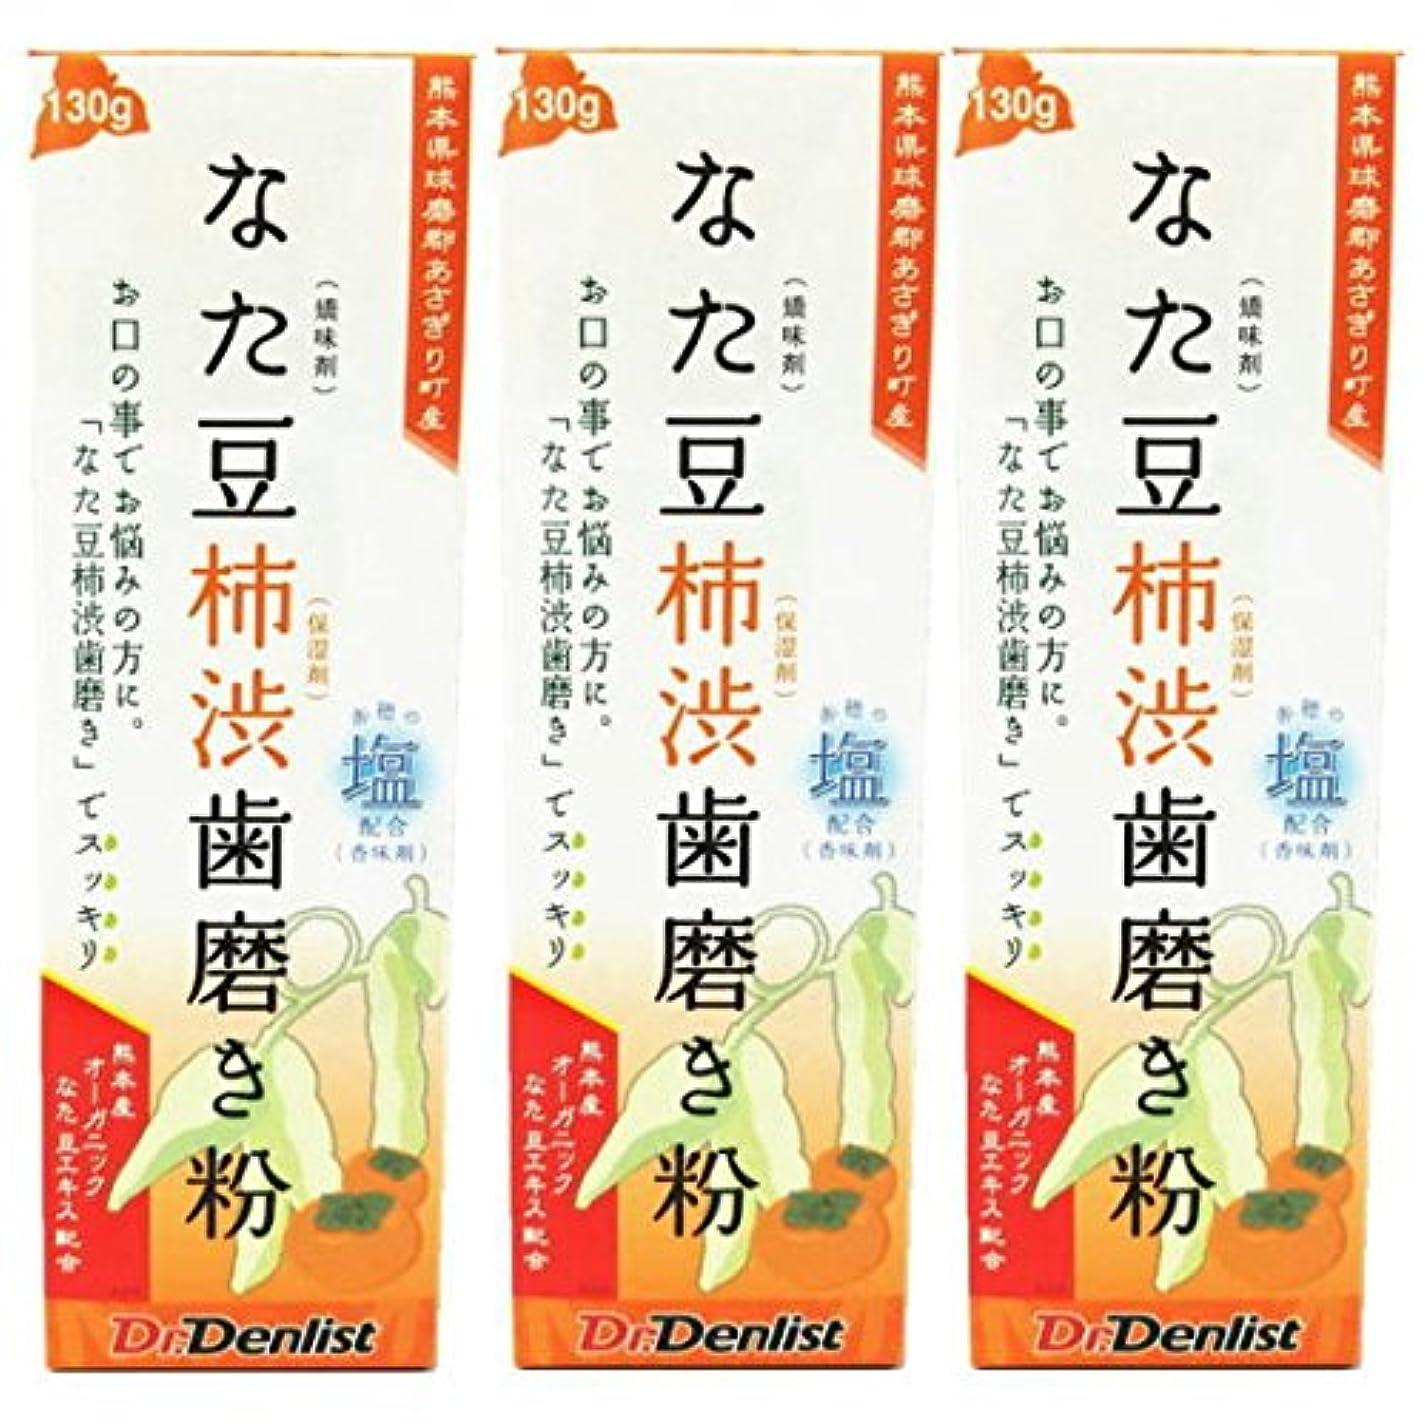 見かけ上適性誤解するなた豆柿渋歯磨き 130g 3個セット 国産 有機なた豆使用 赤穂の塩配合(香味剤)